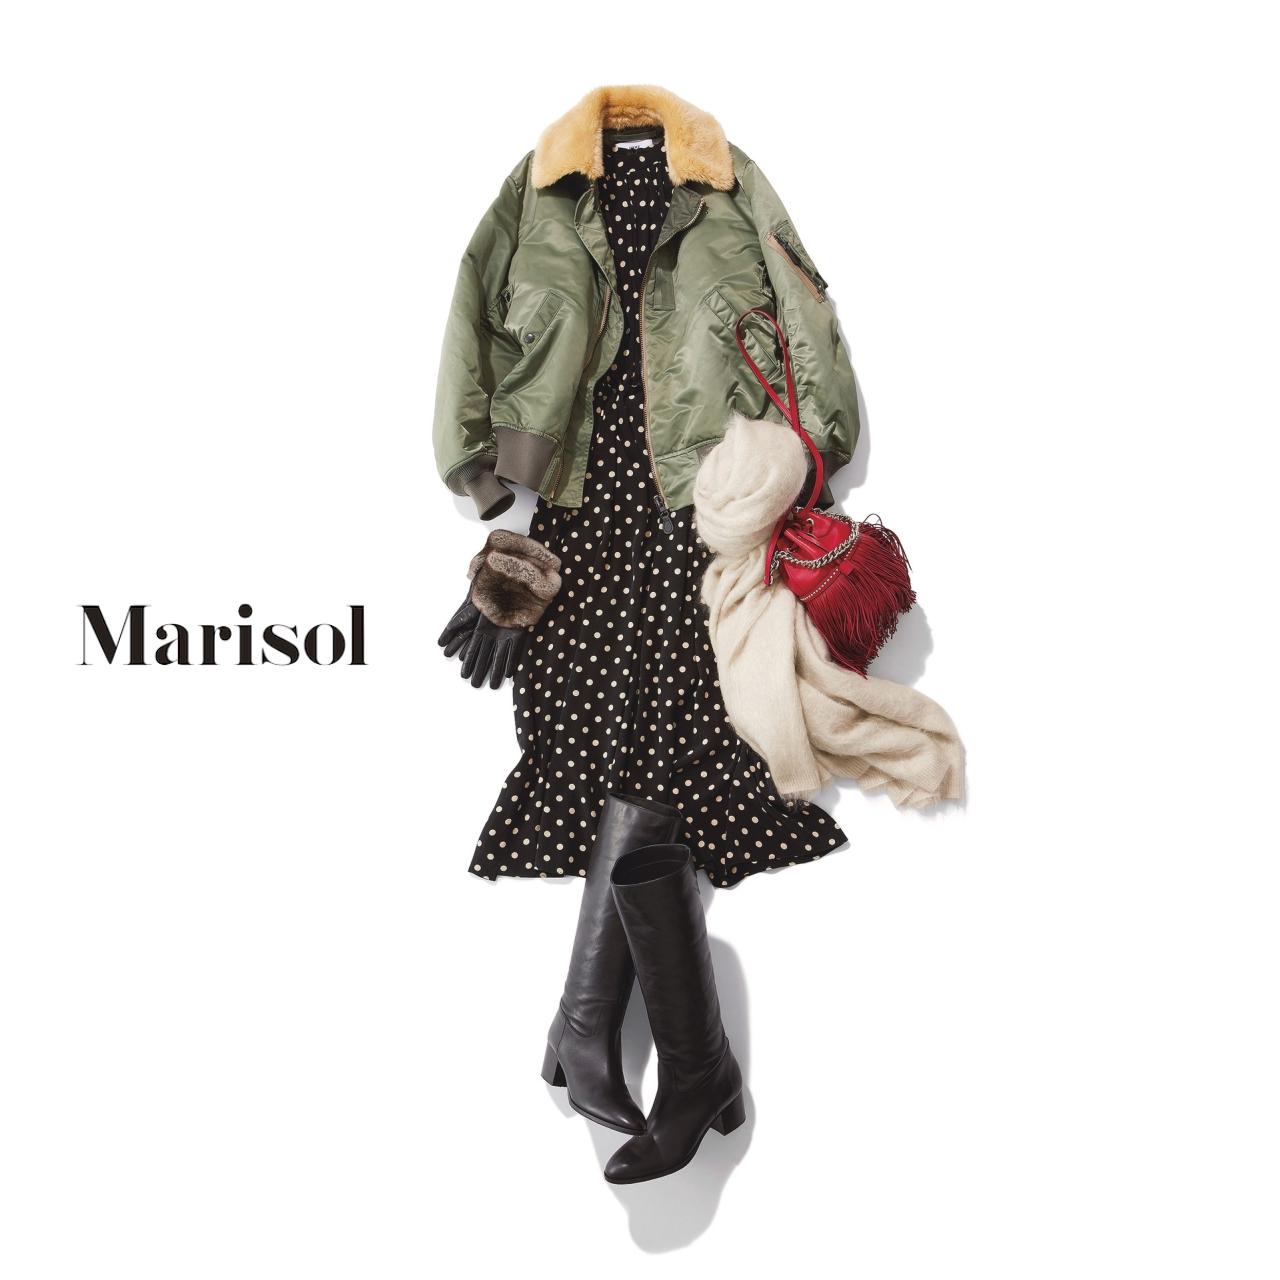 40代ファッション スポーティブルゾン×旬柄ロングワンピース×ロングブーツコーデ